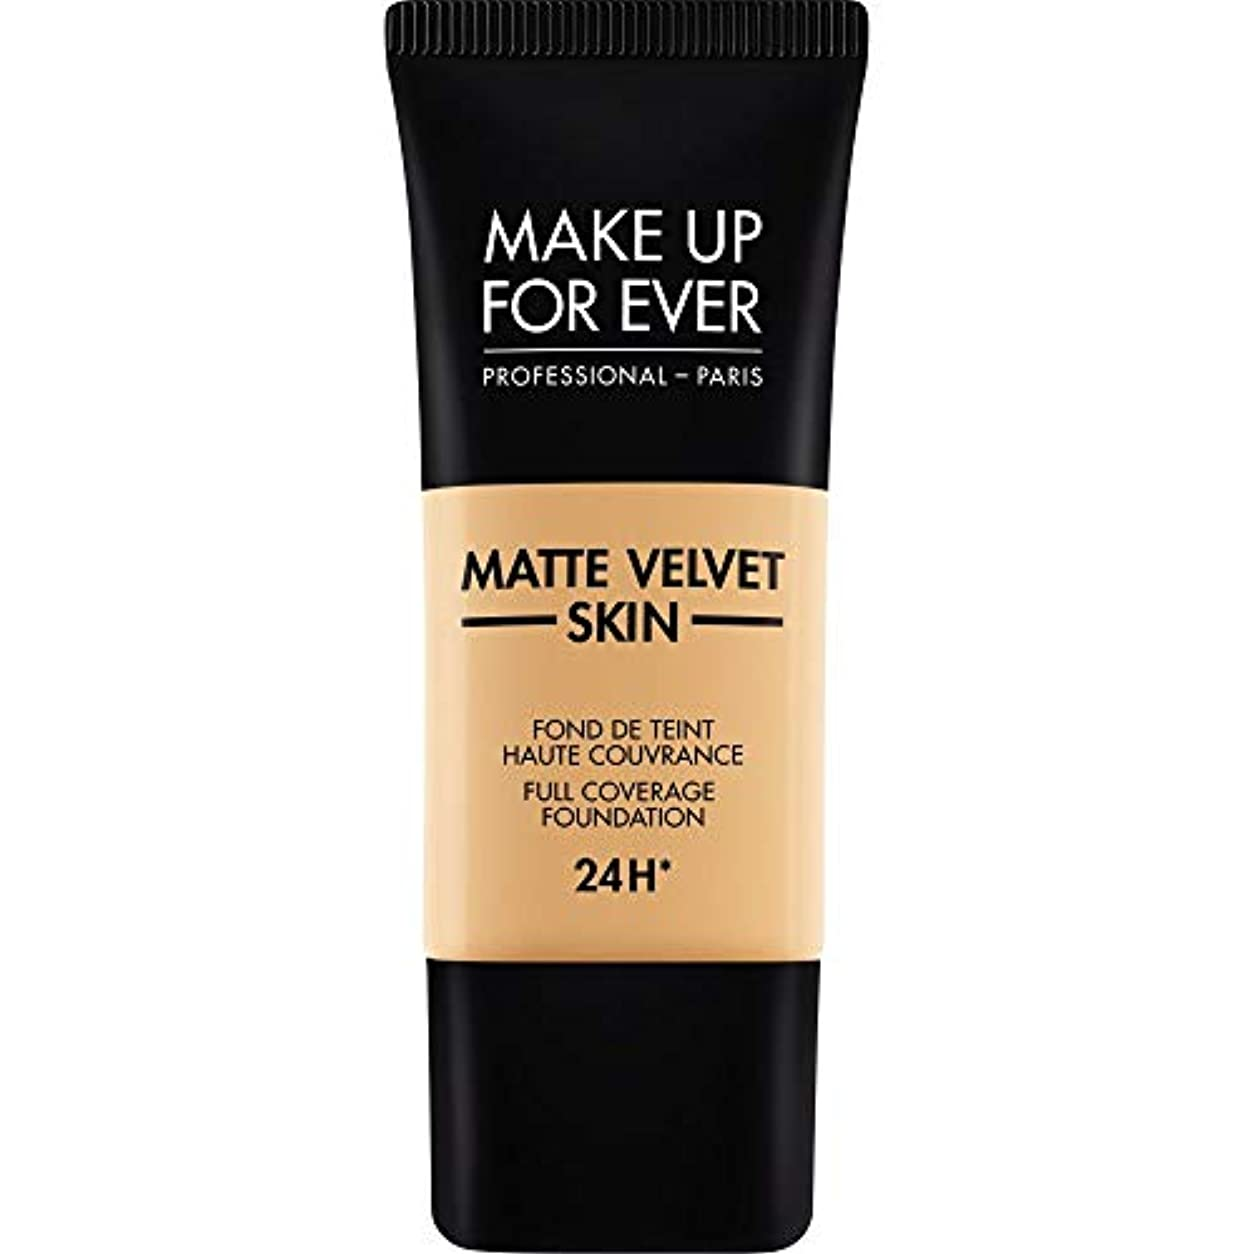 六月ローブ適度に[MAKE UP FOR EVER ] ナチュラルベージュ - これまでマットベルベットの皮膚のフルカバレッジ基礎30ミリリットルのY345を補います - MAKE UP FOR EVER Matte Velvet Skin Full Coverage Foundation 30ml Y345 - Natural Beige [並行輸入品]